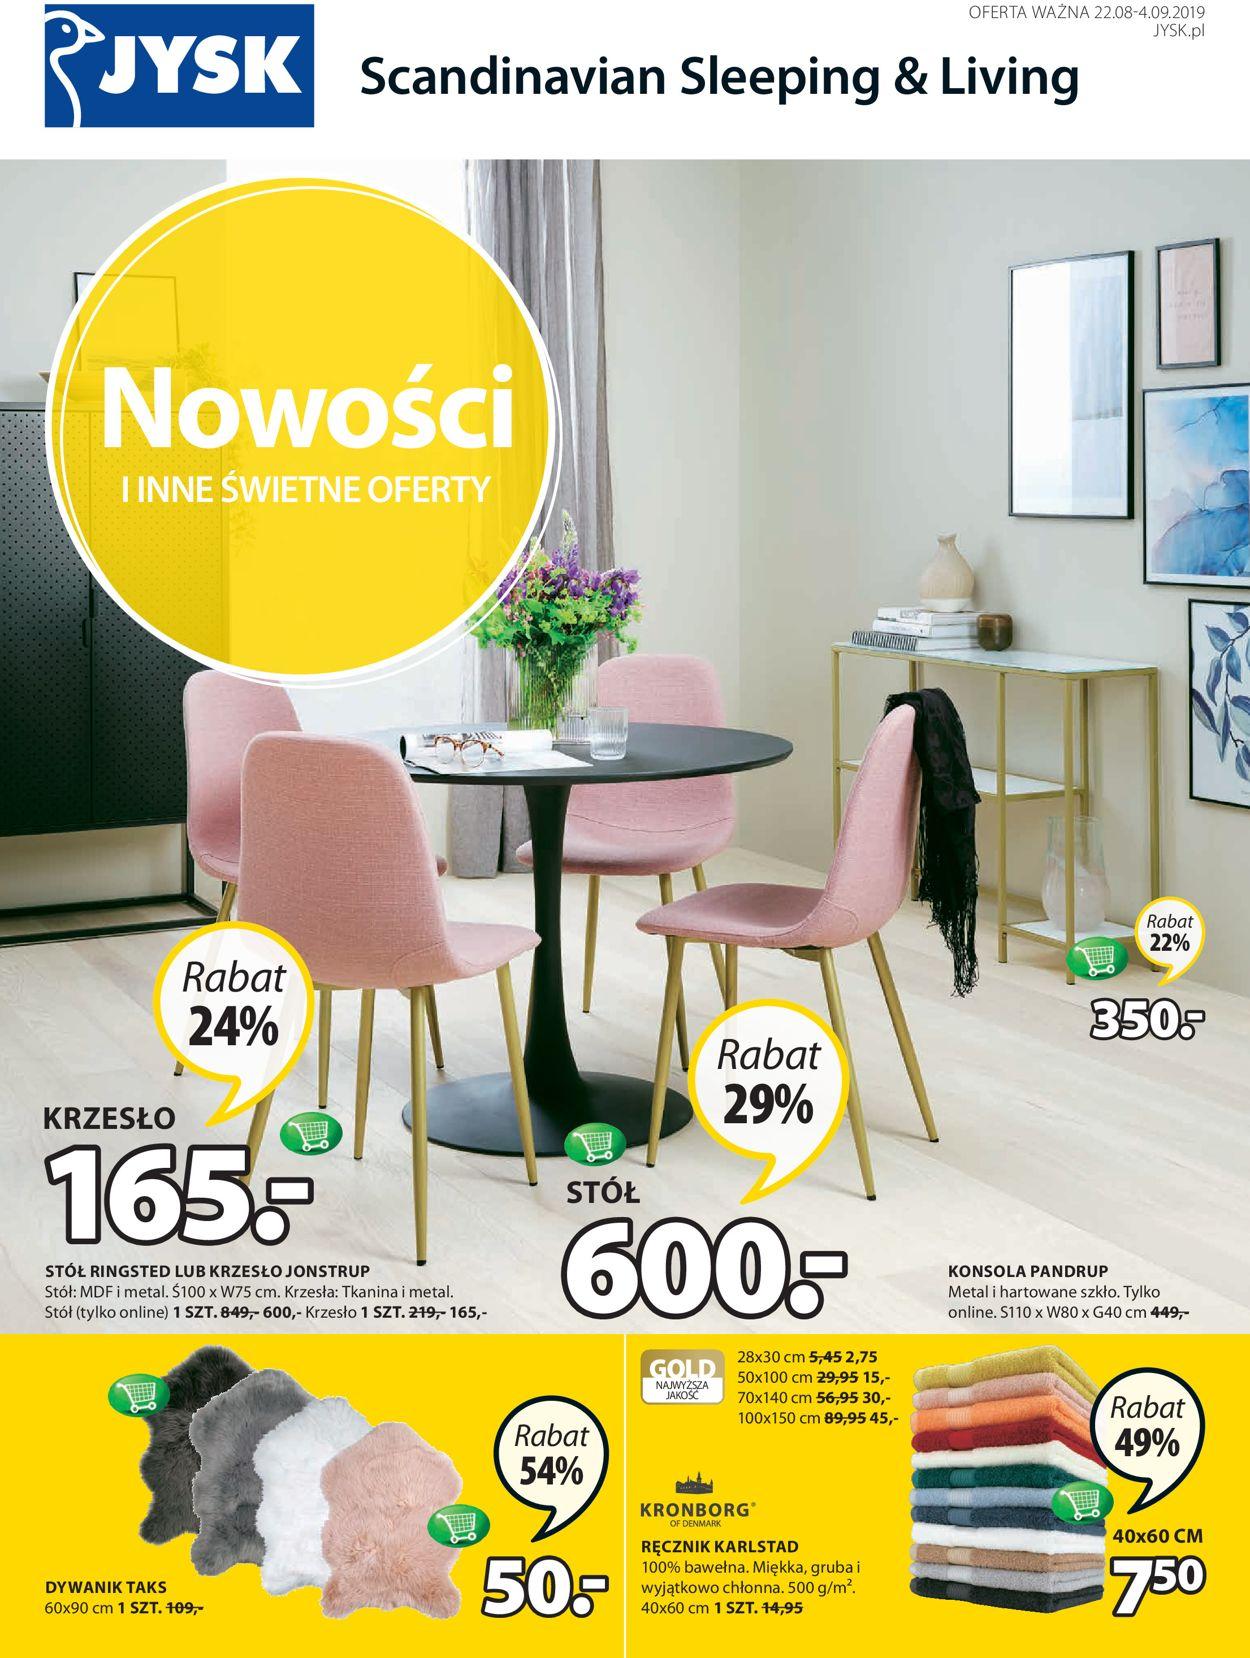 Gazetka promocyjna JYSK - 22.08-04.09.2019